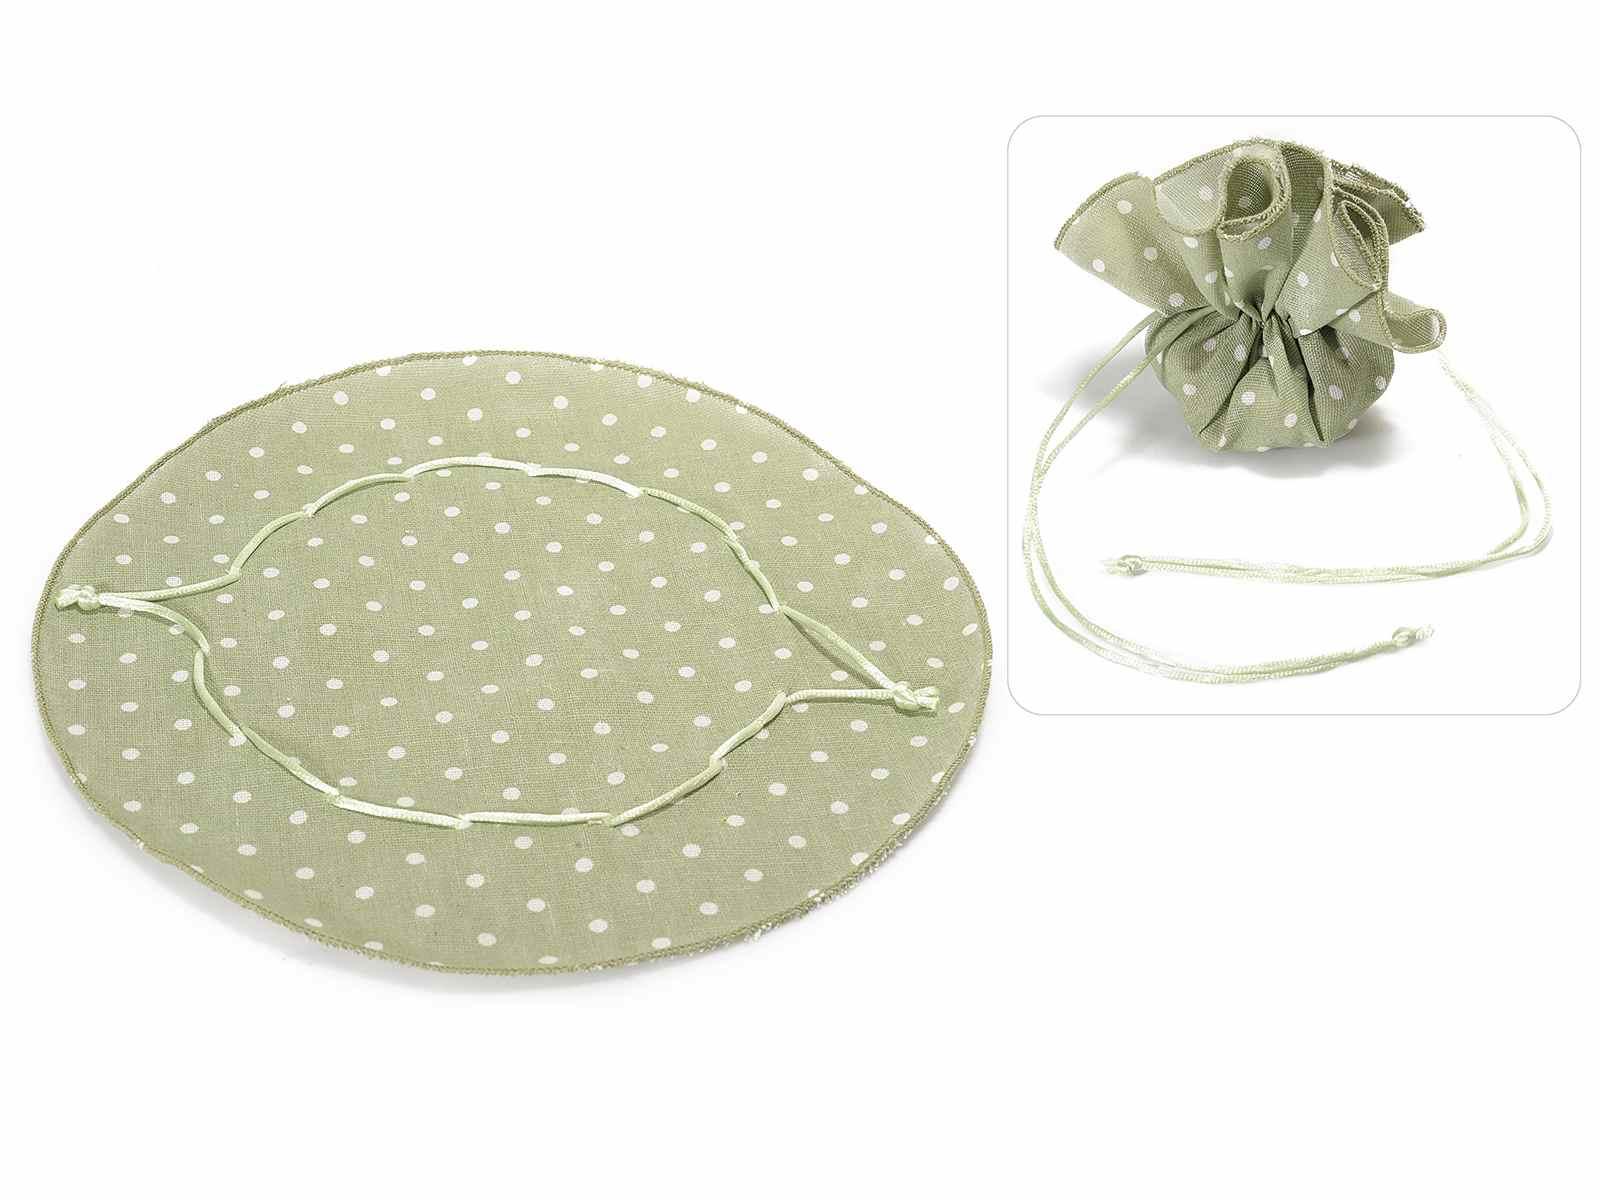 Tulle tondo a sacchetto in cotone verde oliva a pois